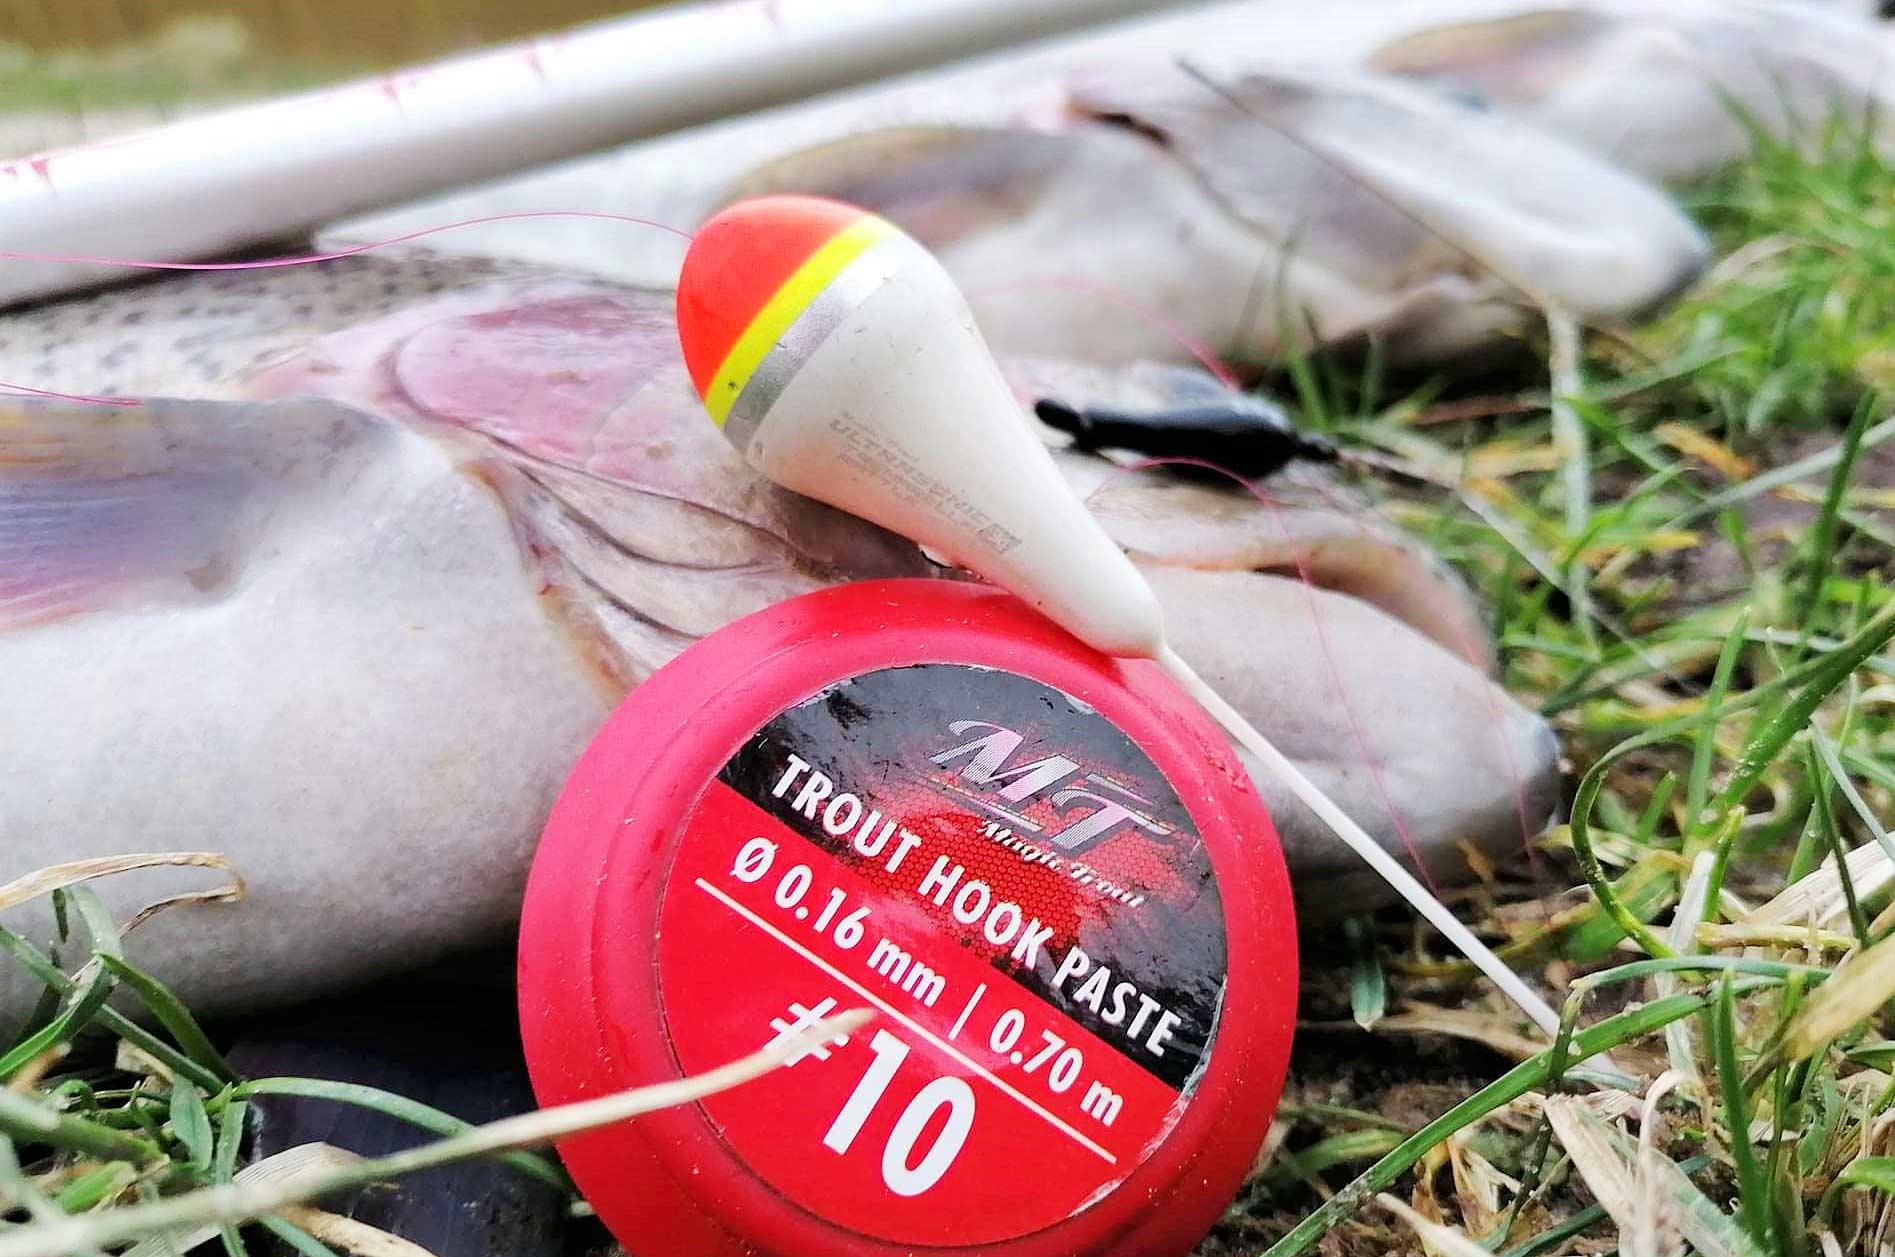 Ultrasonic Tremarel - La Rattle Float er efter min mening en af de bedste innovationerne inden for P&T-fiskeri. Det er udviklet af Magic Trouts testfiskere, og med dets evne til både at skabe lyd og vibrationer et sikkert valg i P&T-søen. Kombiner det gerne med 2 B-Maggots fisket 1-2 meter bag flåddet, eller brug det i en kombination med bait og bait-forfanget fra Magic Trout.